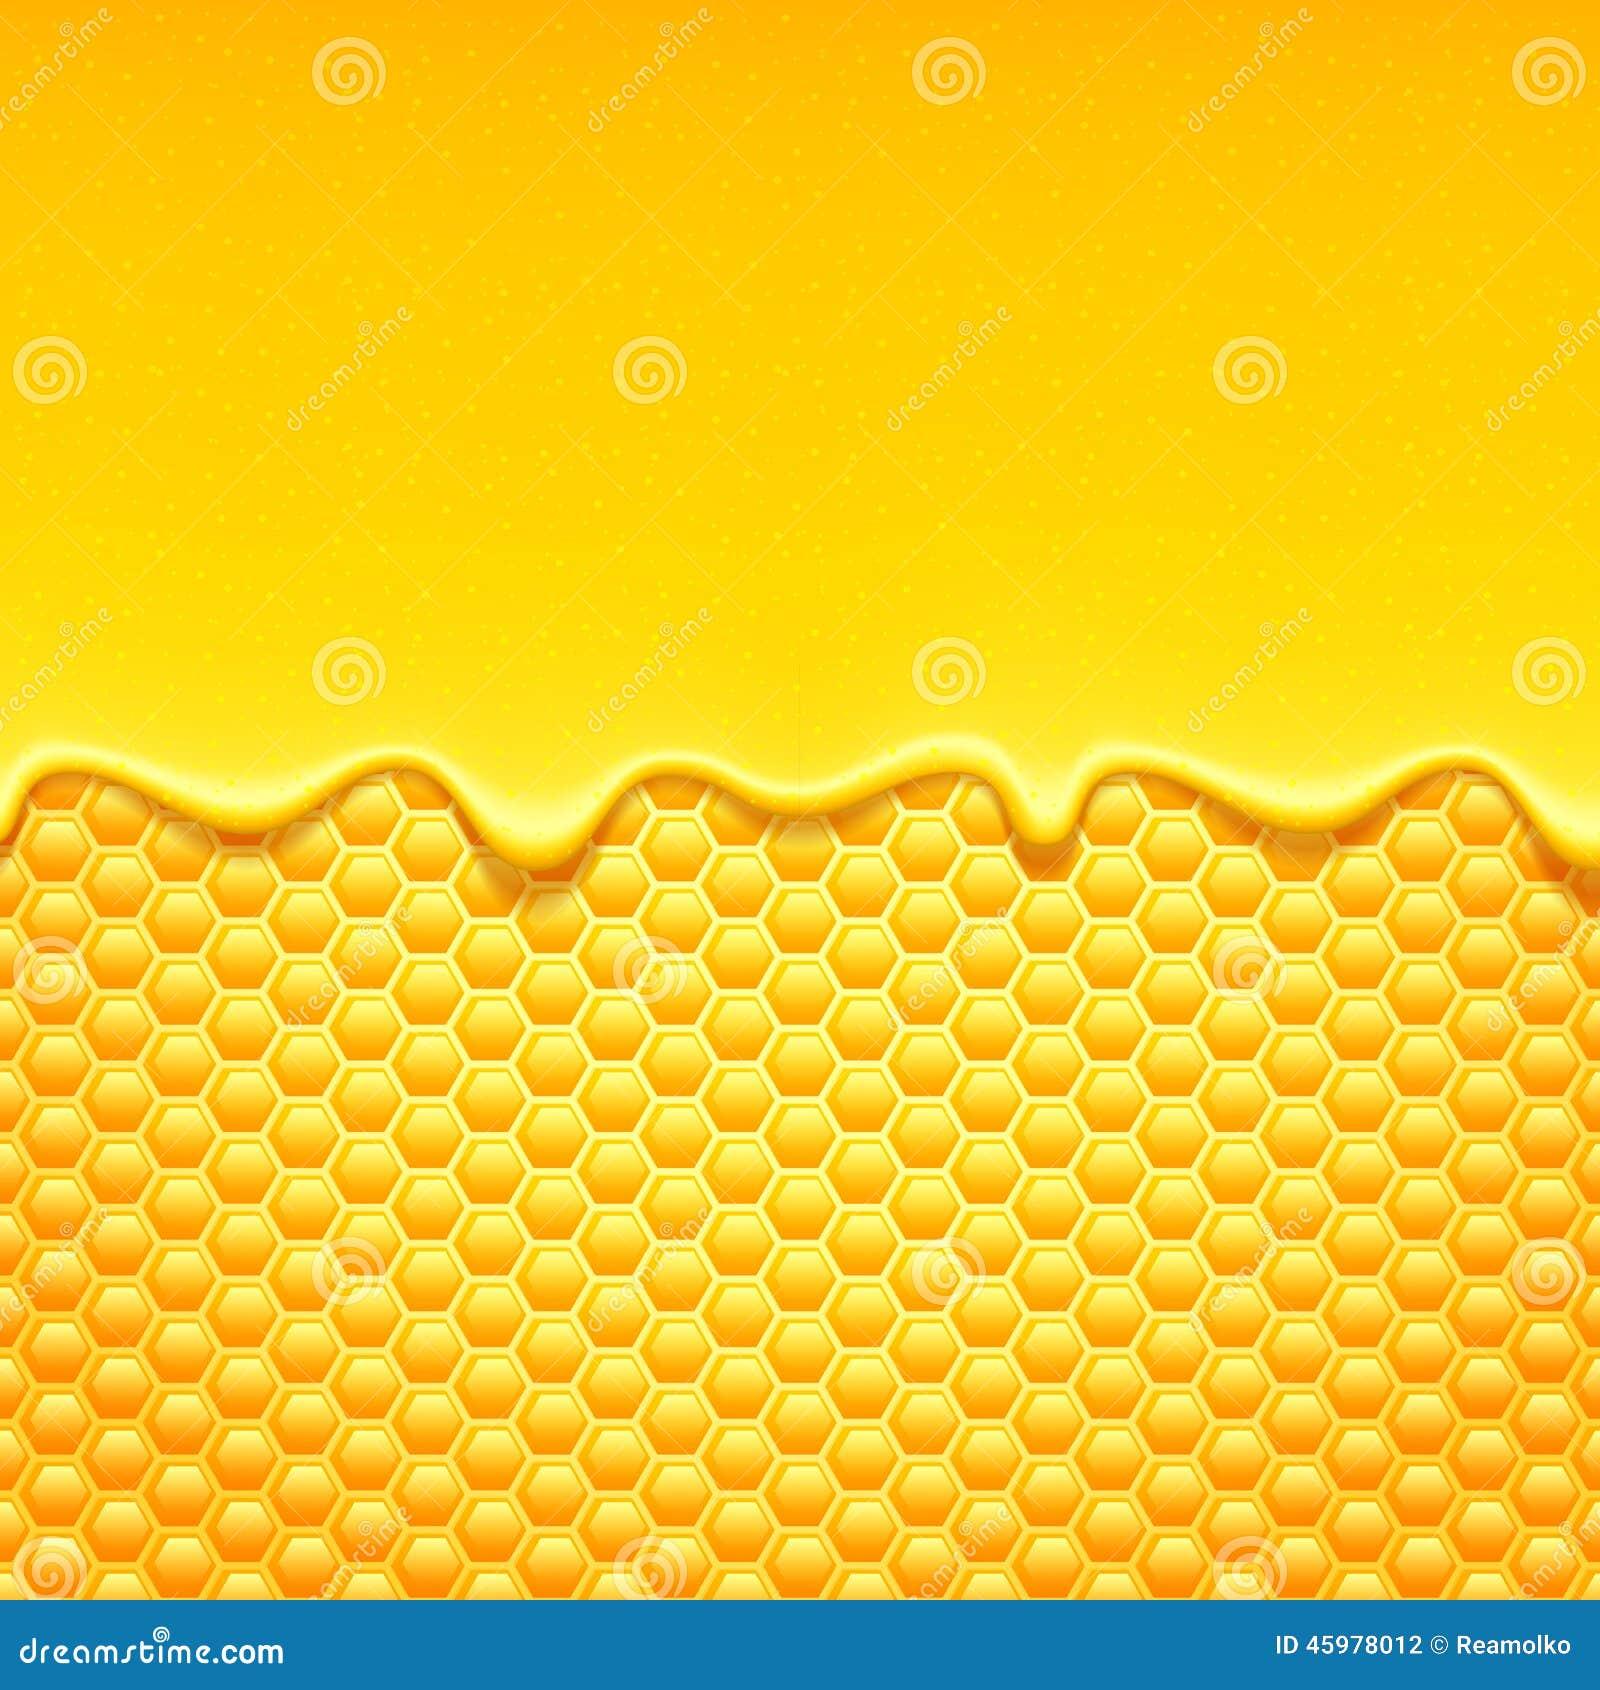 与蜂窝和蜂蜜滴水的黄色样式